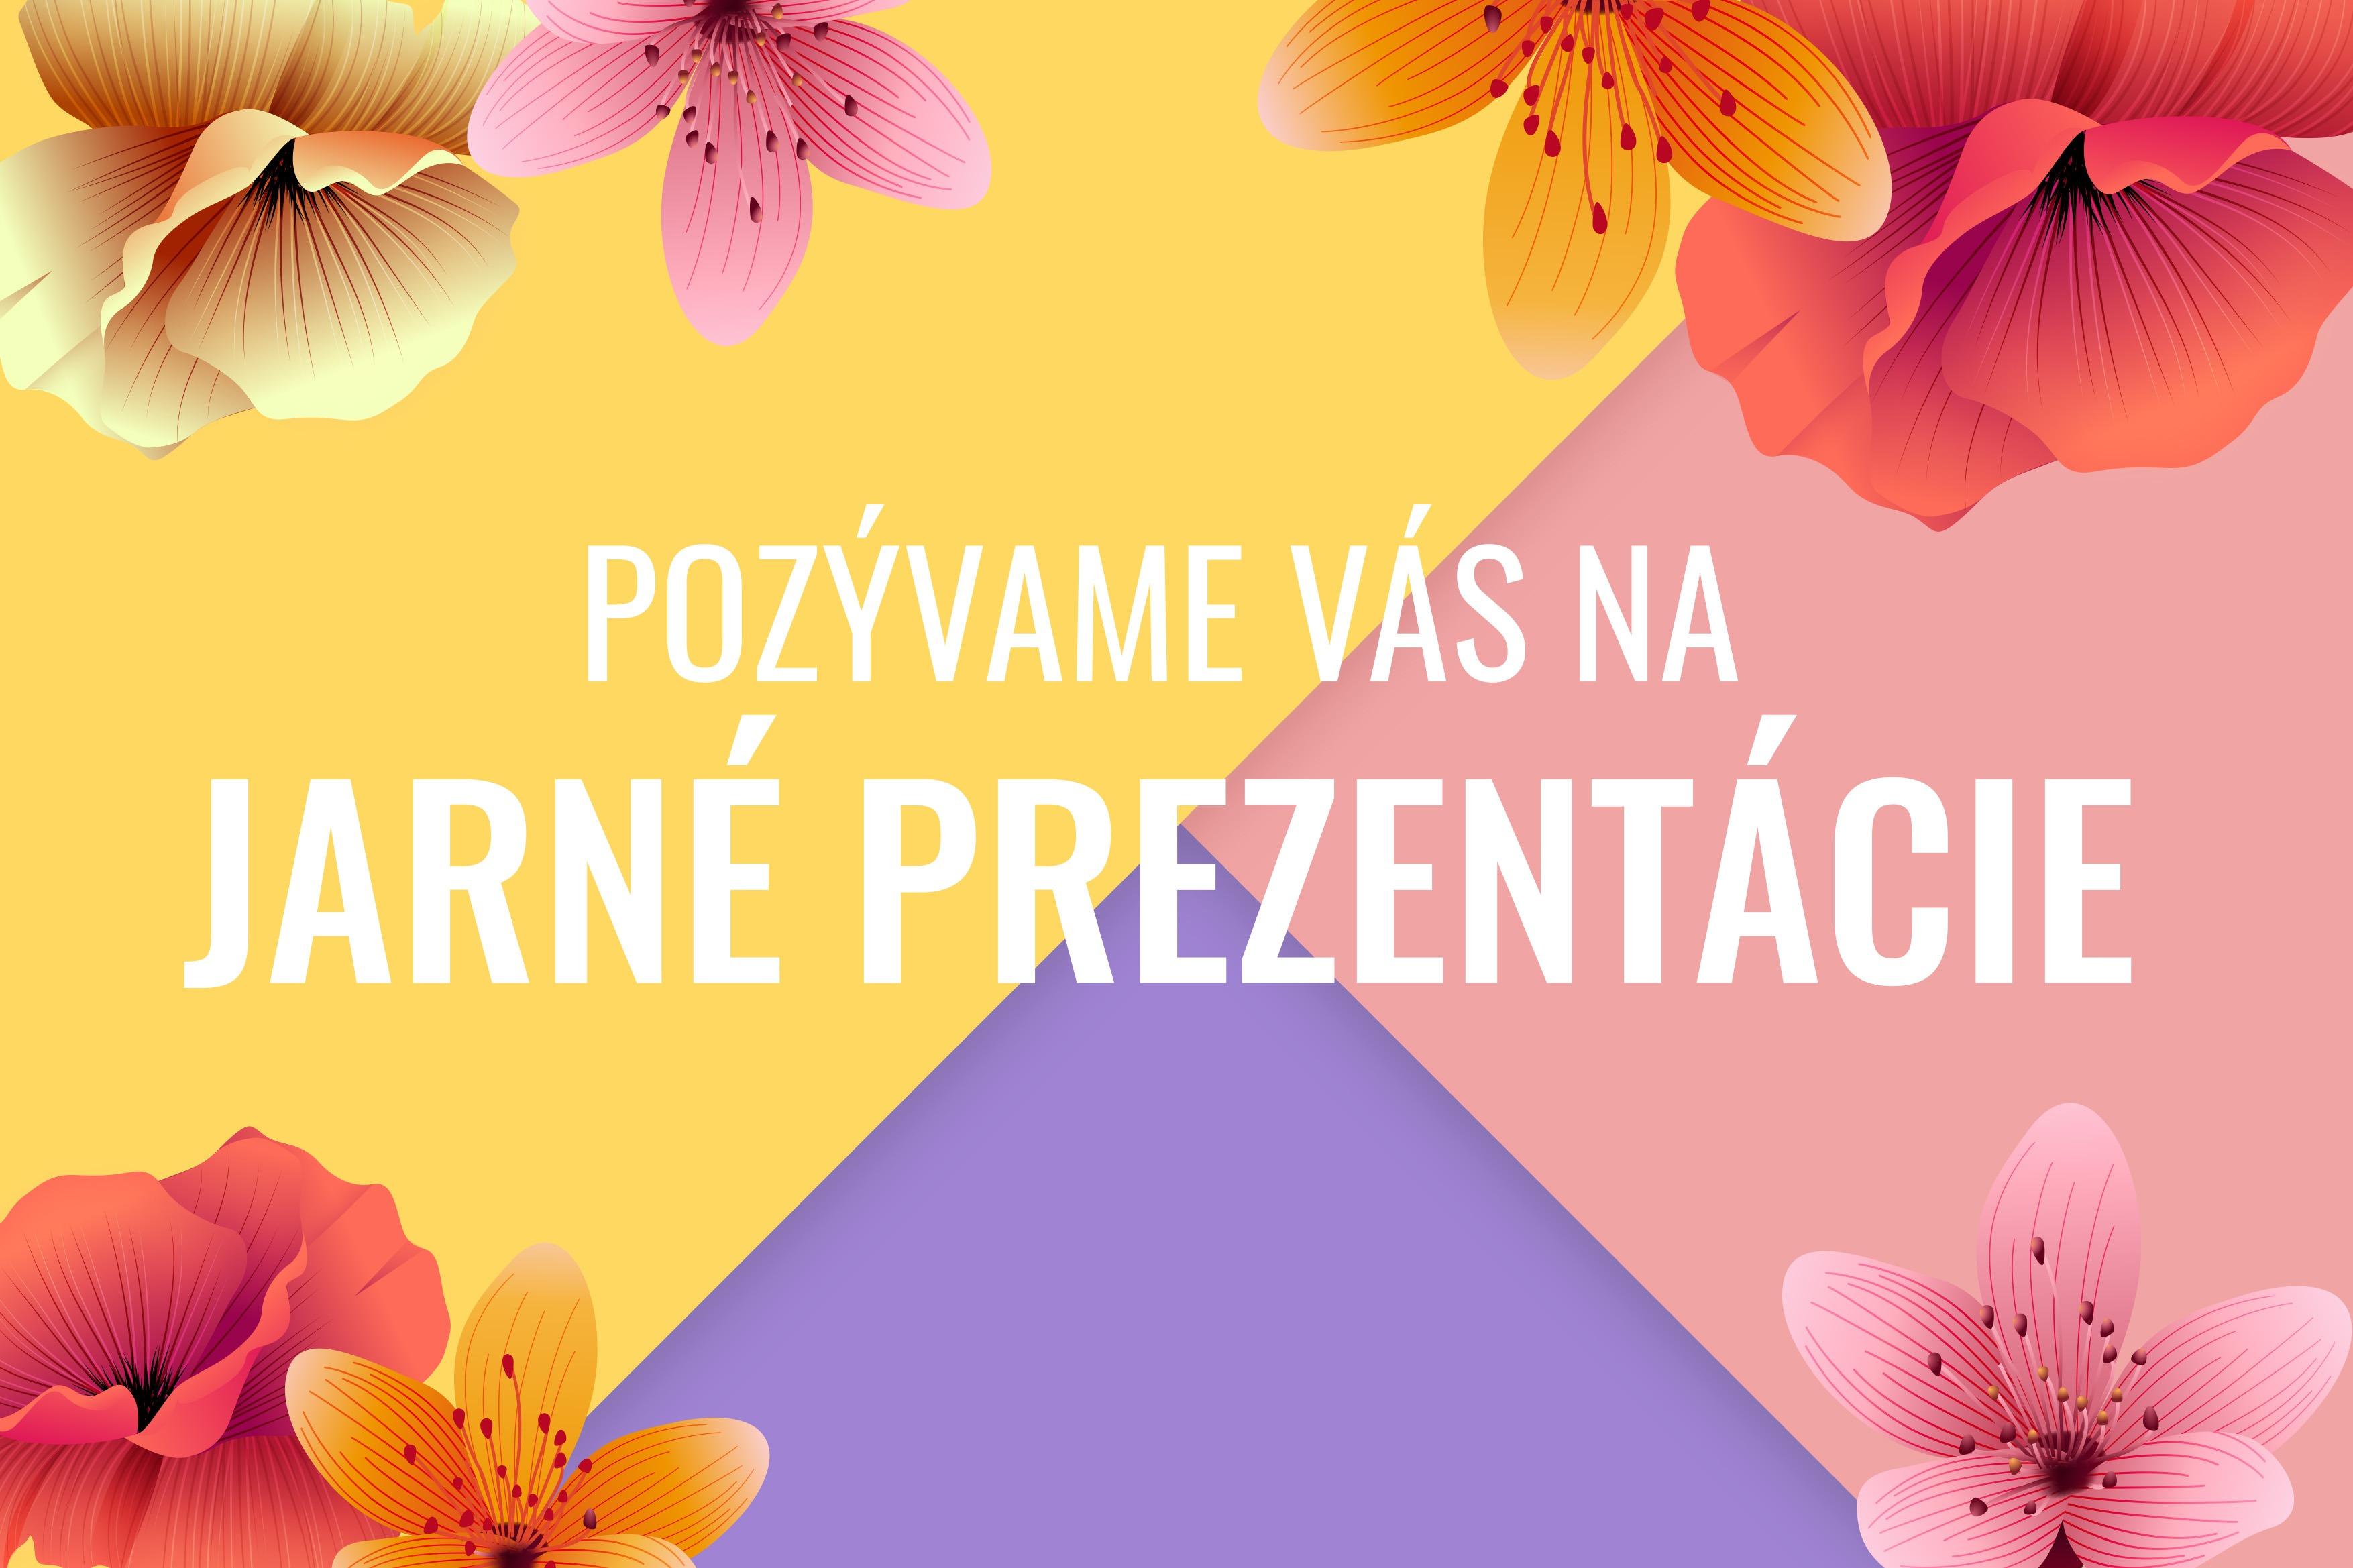 Jarné prezentácie 2019